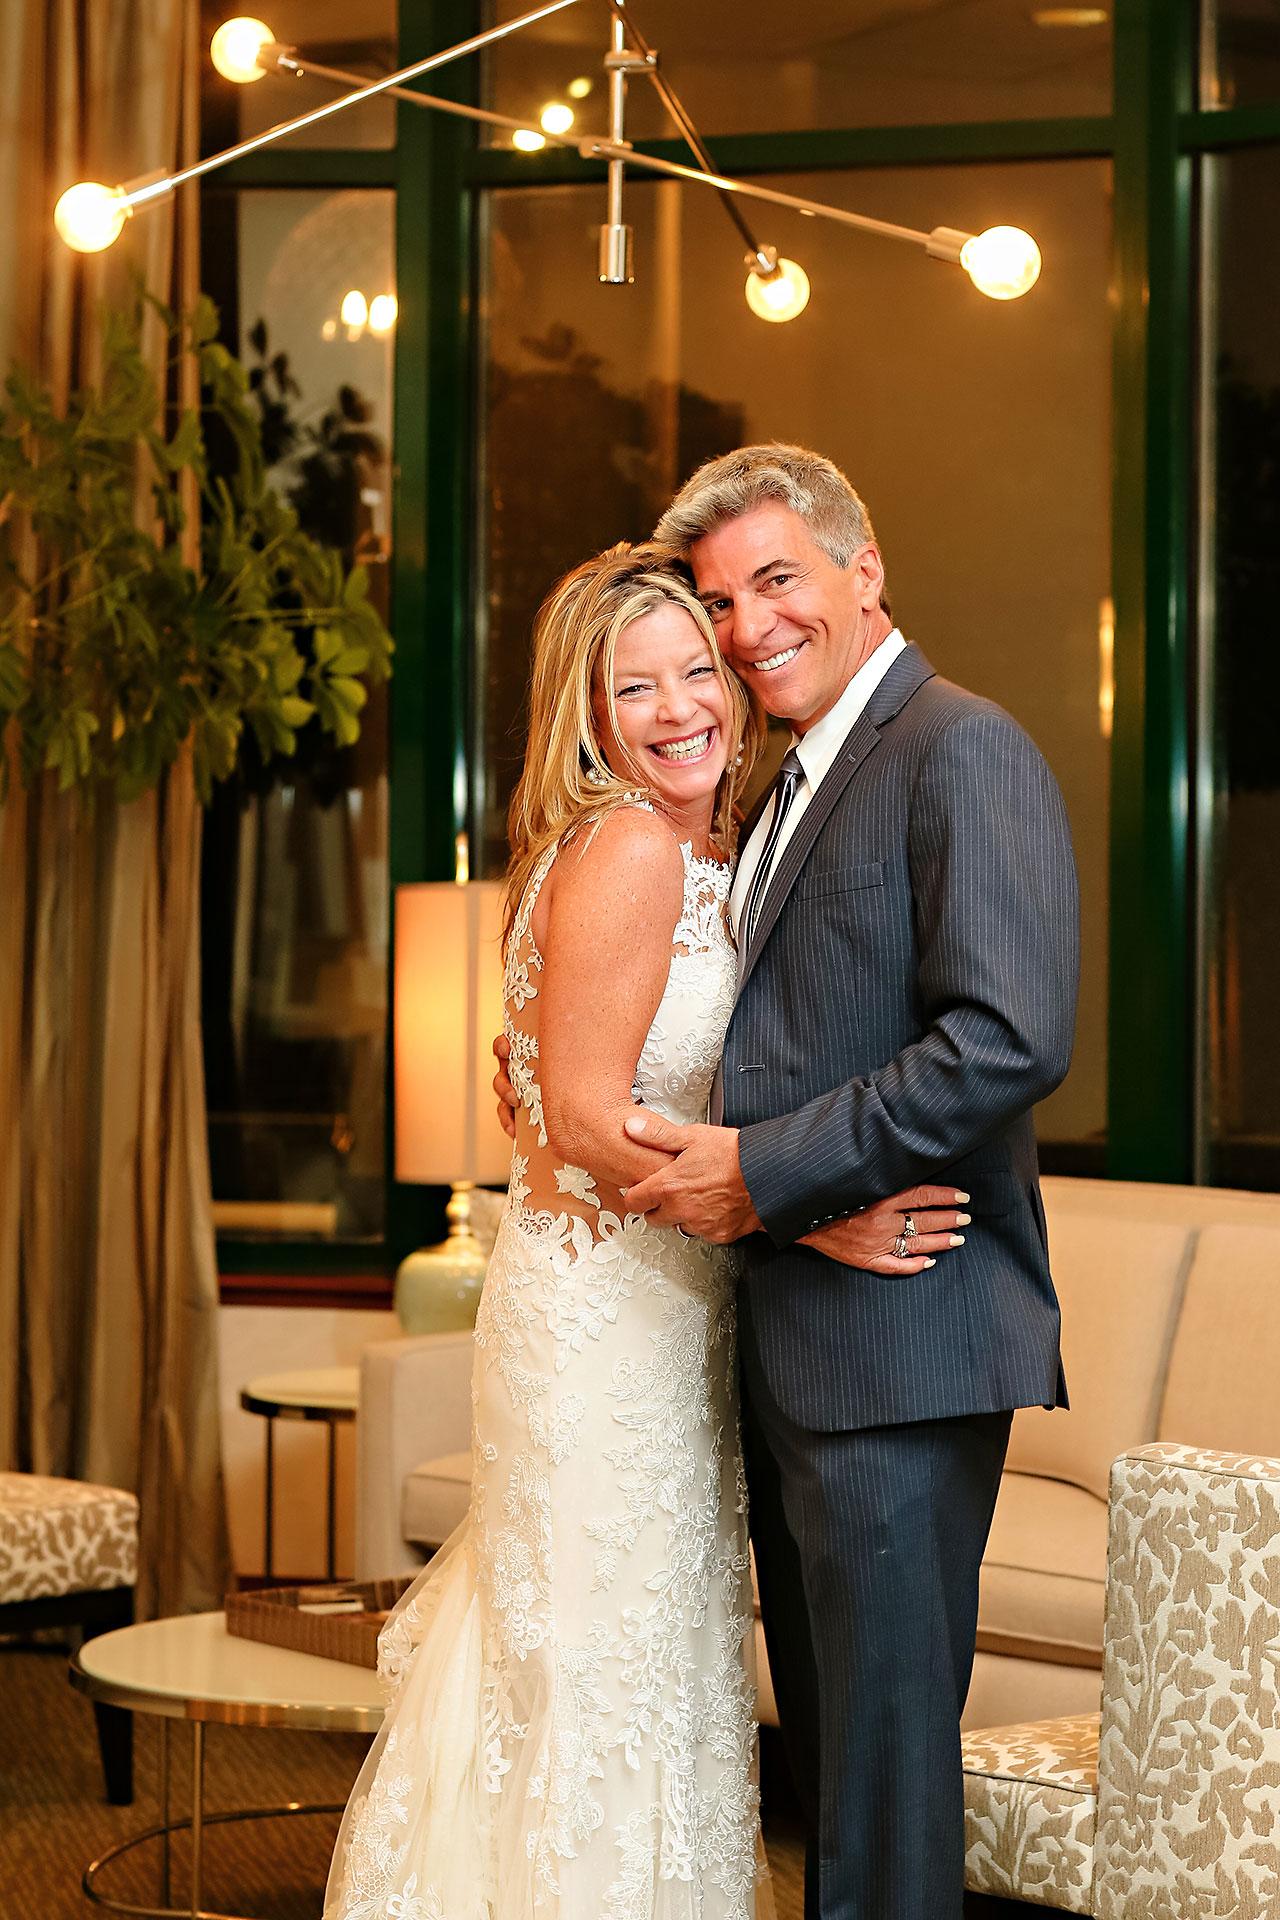 Rhonda Jeff Montage Indianapolis Wedding Reception 040